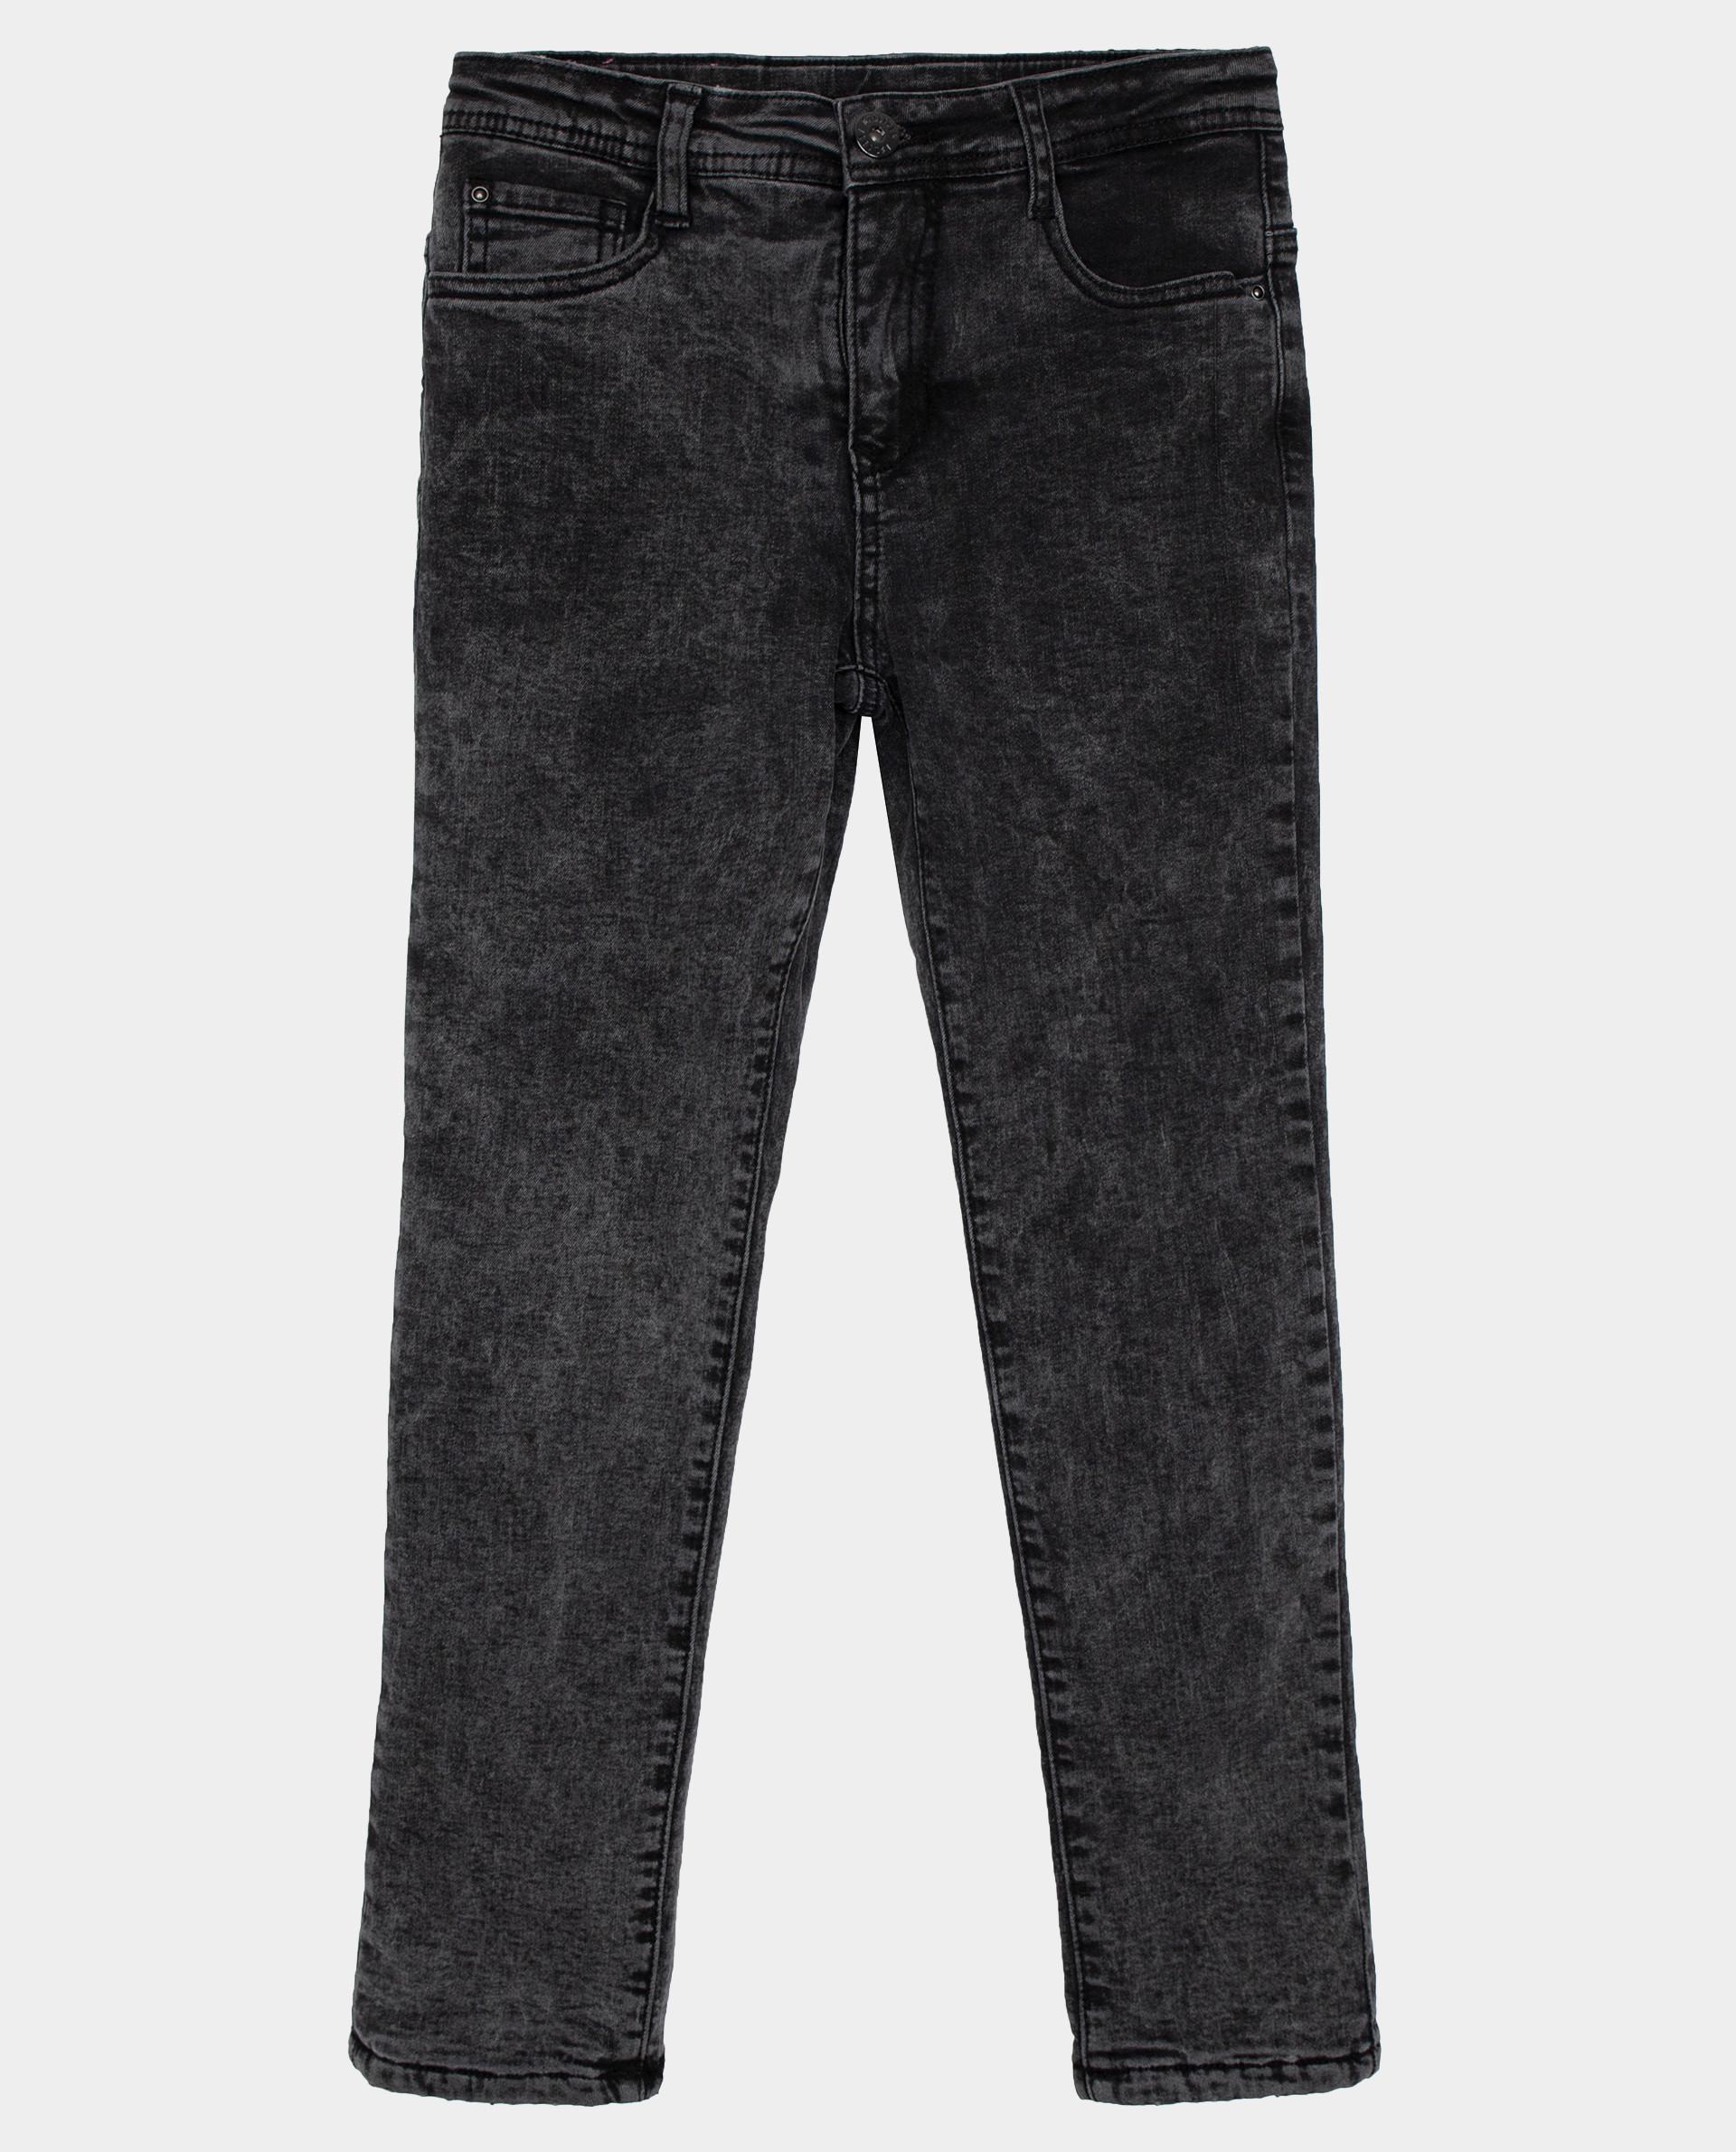 Купить Черные джинсы утепленные Gulliver размер 140 22009GJC6402,